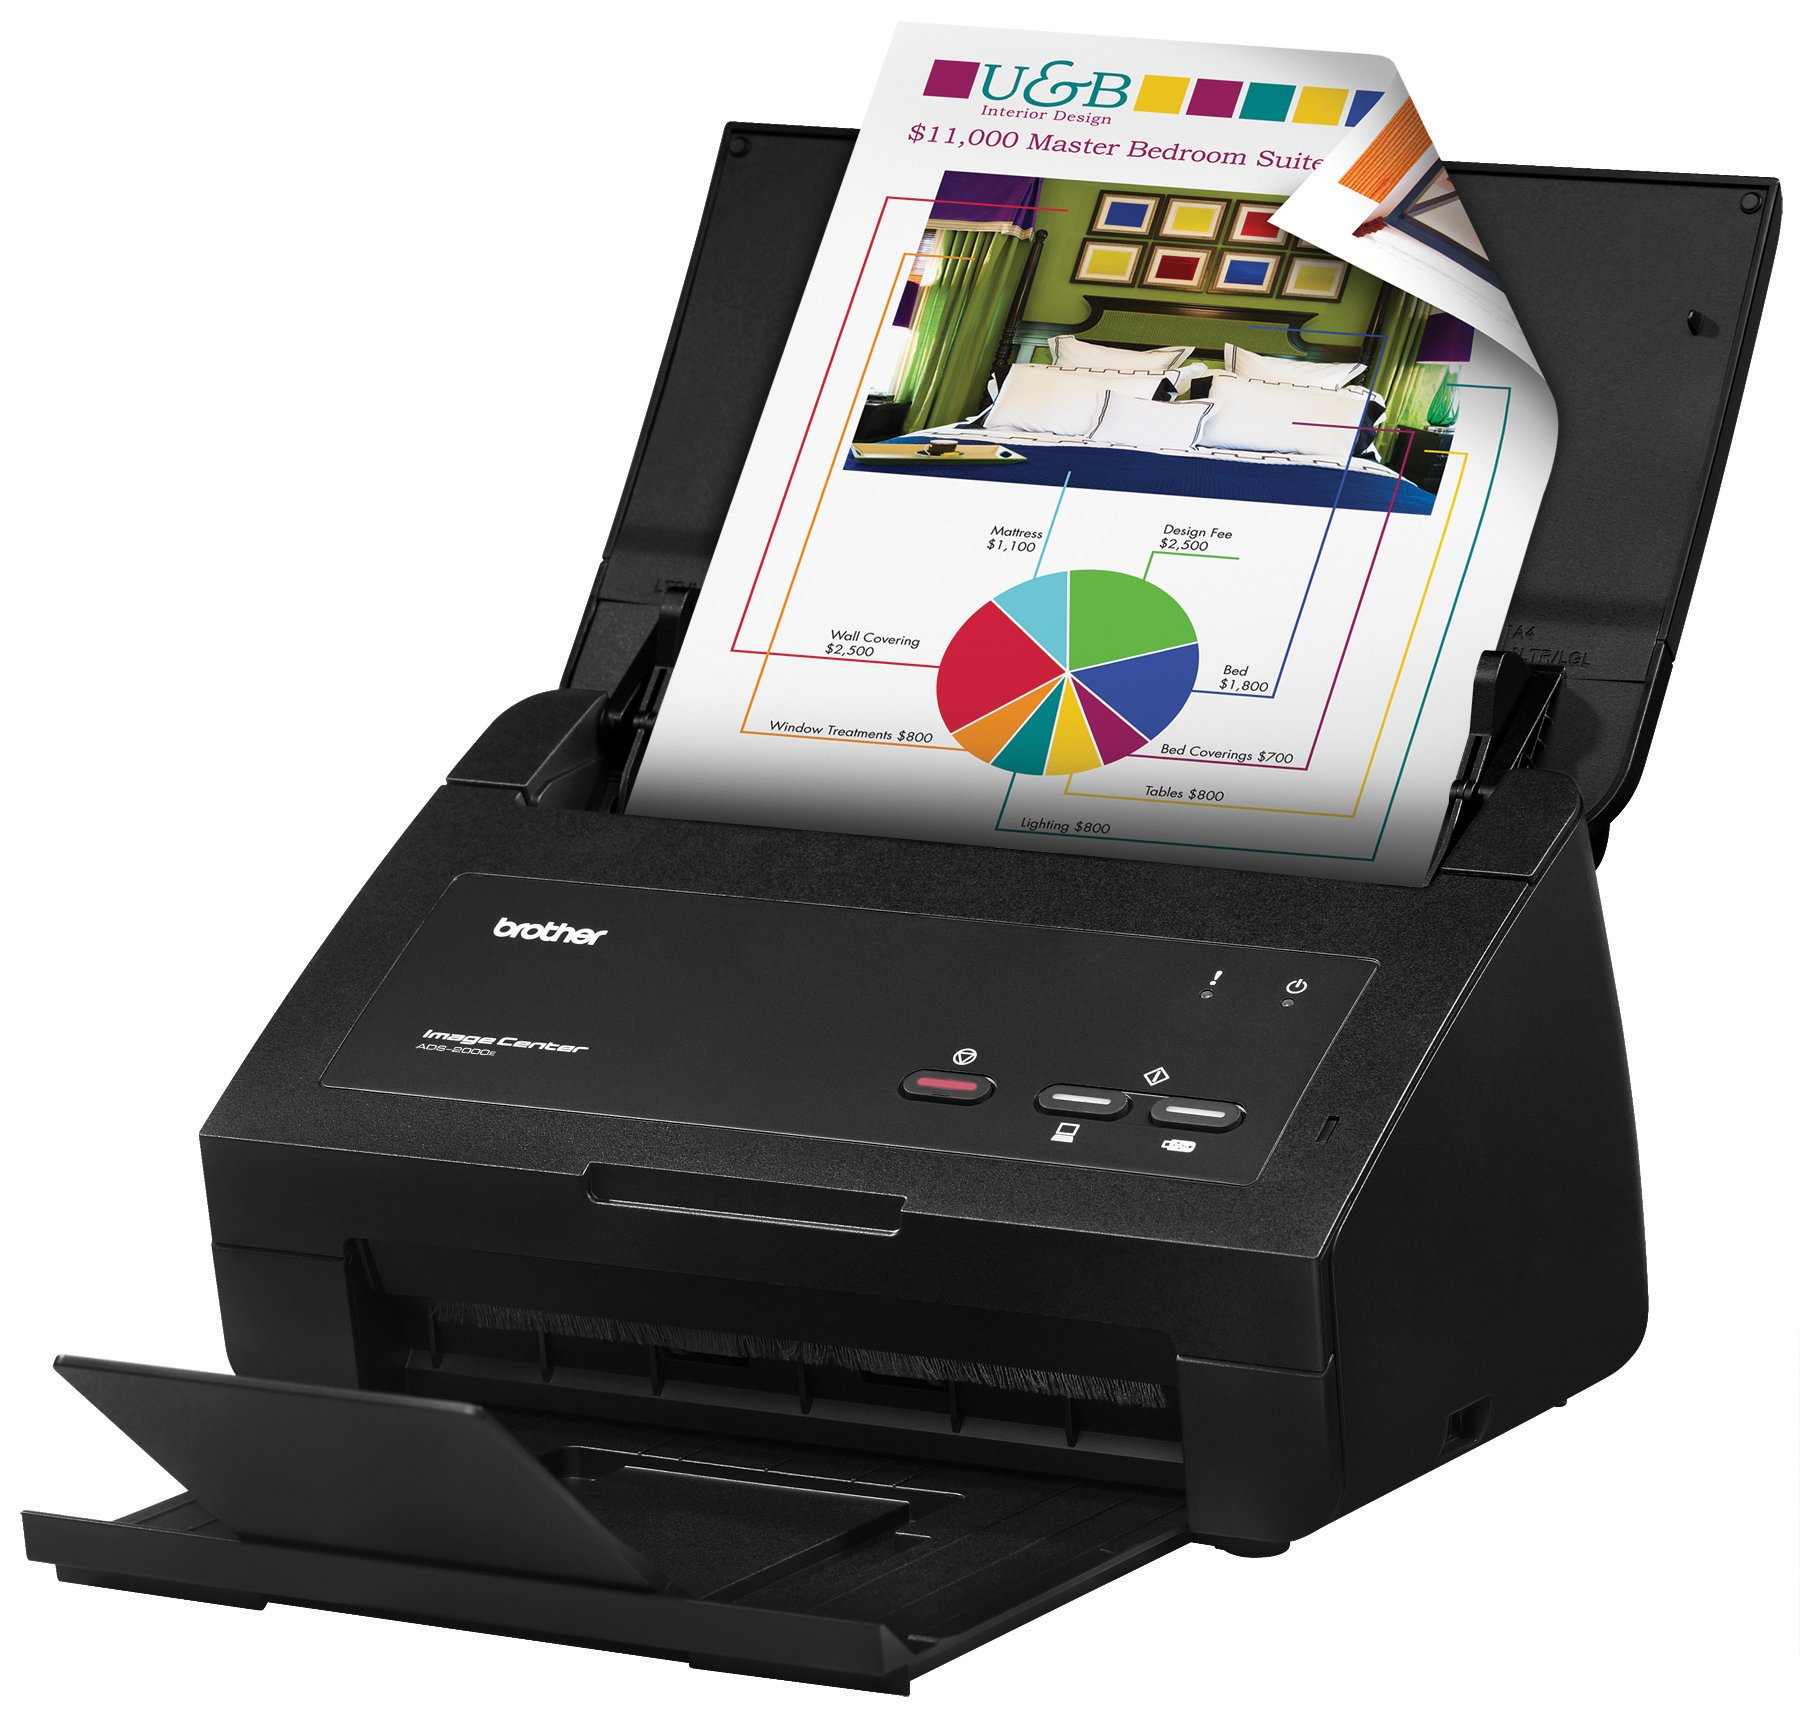 Brother ImageCenter ADS-2000e High Speed Desktop Document...